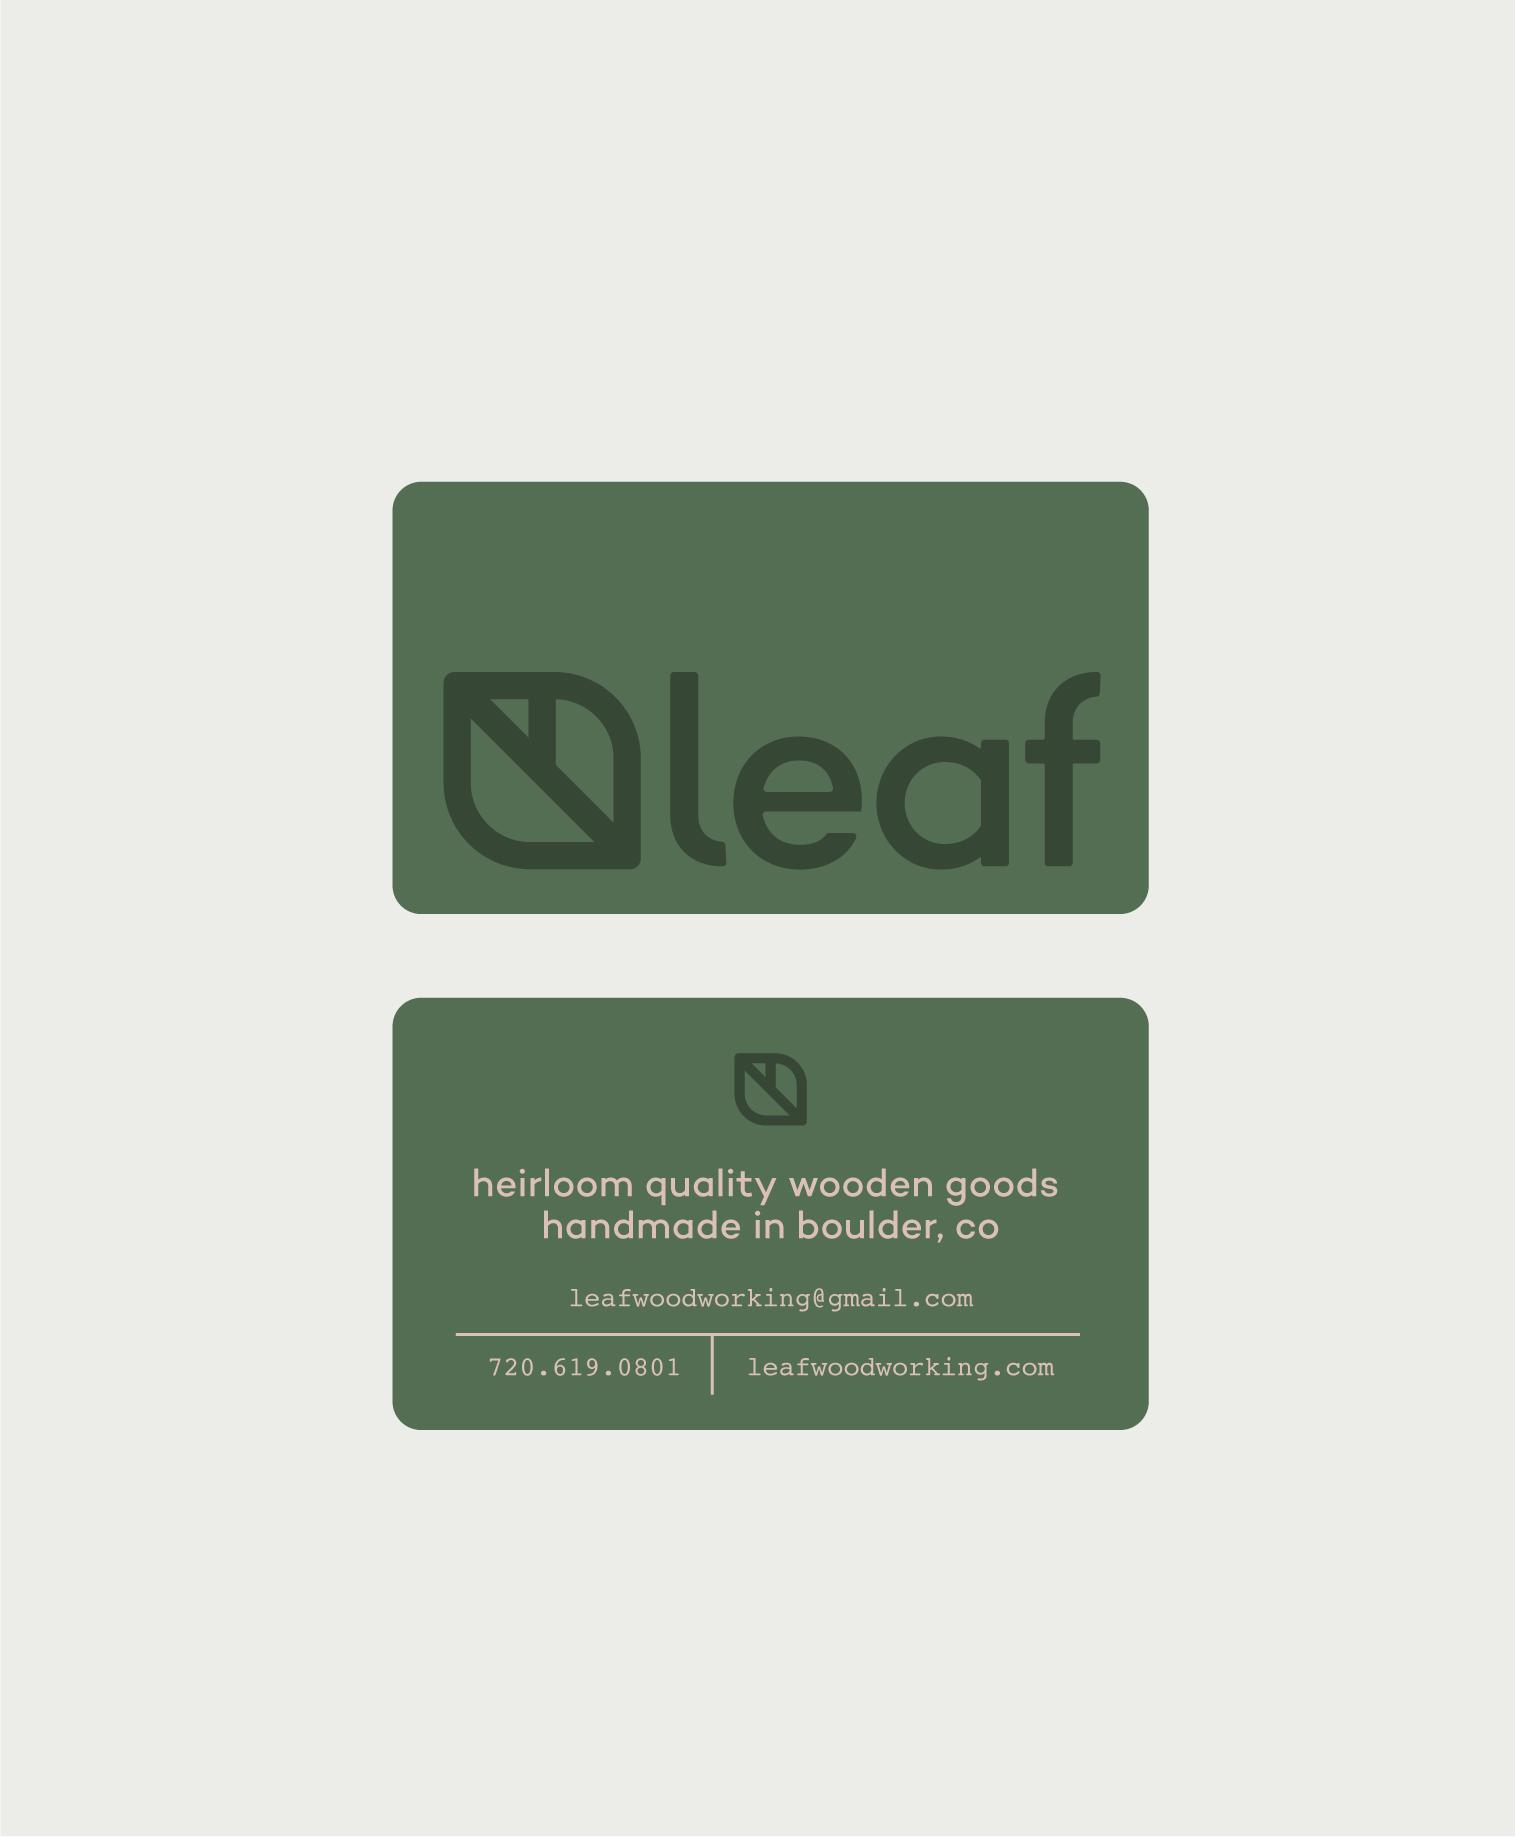 leaf-businesscard.jpg